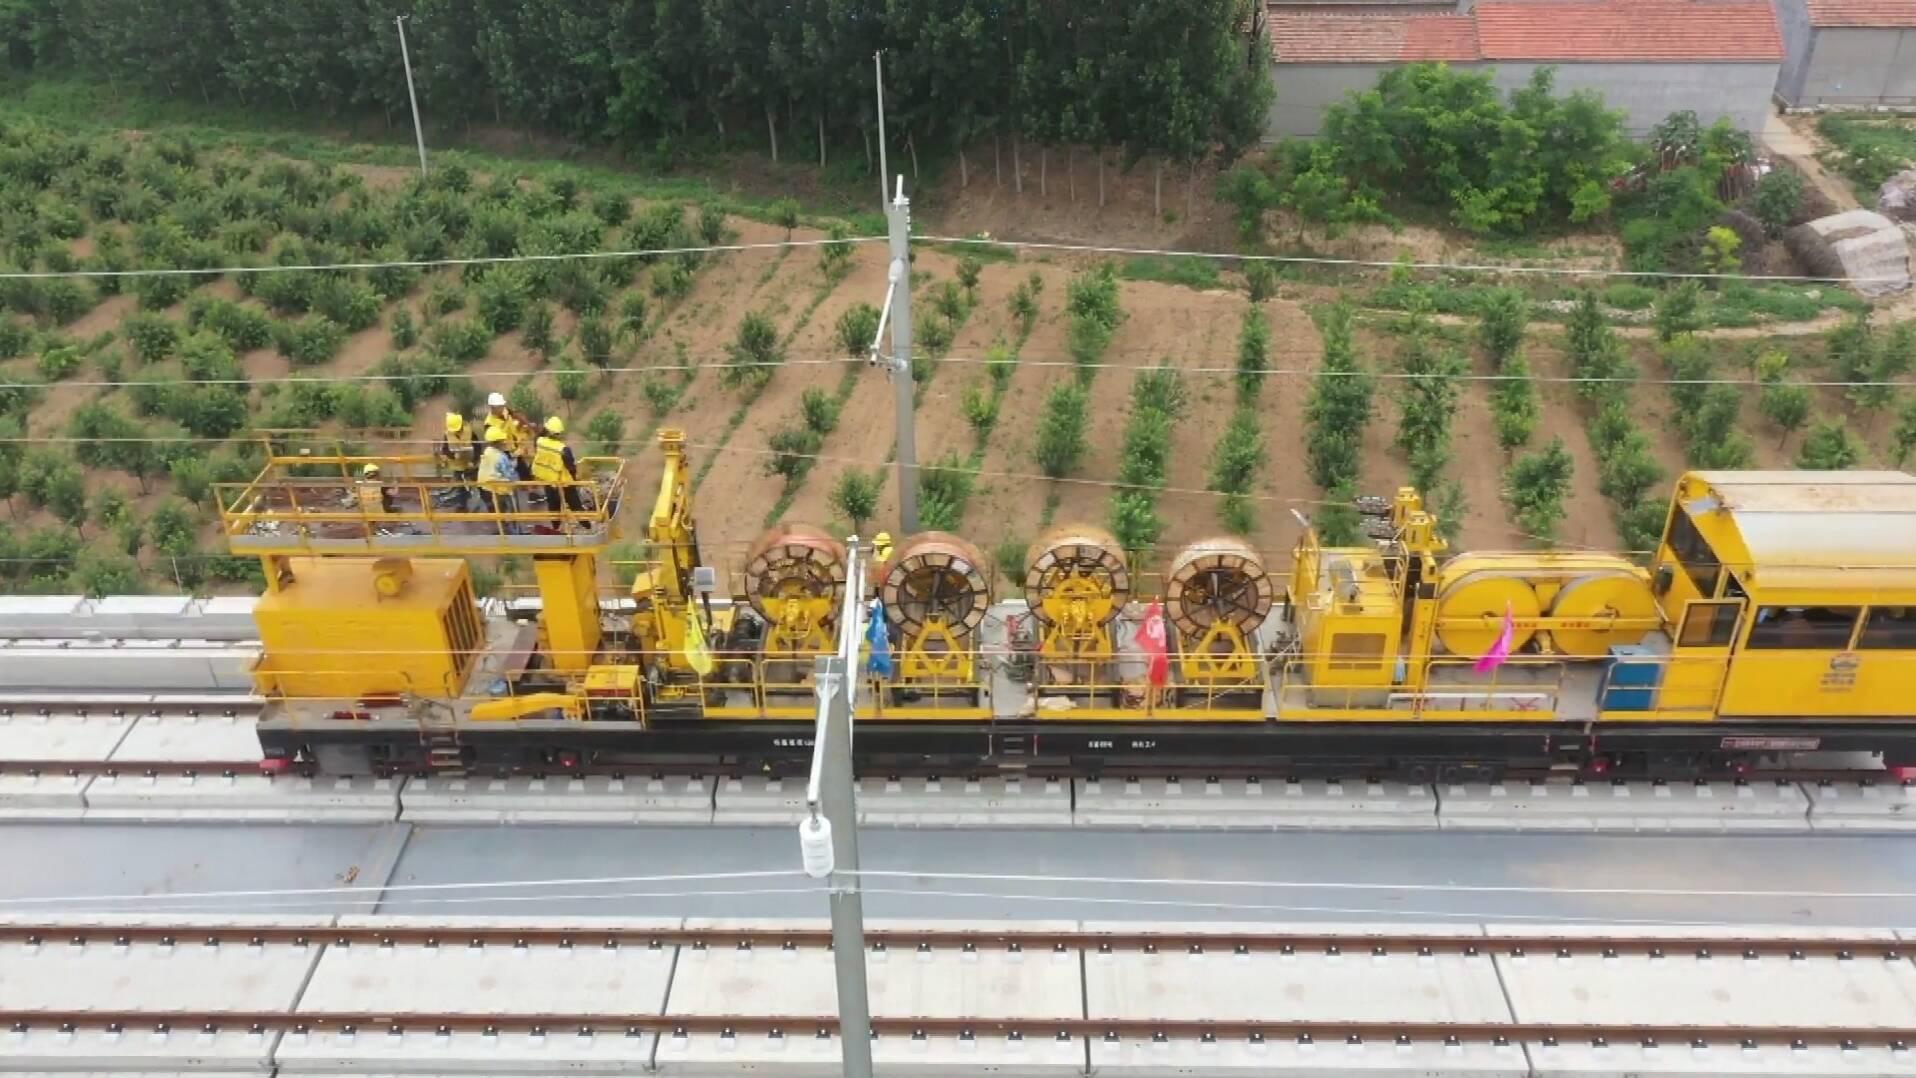 重大工程进展!鲁南高铁曲阜至菏泽庄寨段近日将联调联试